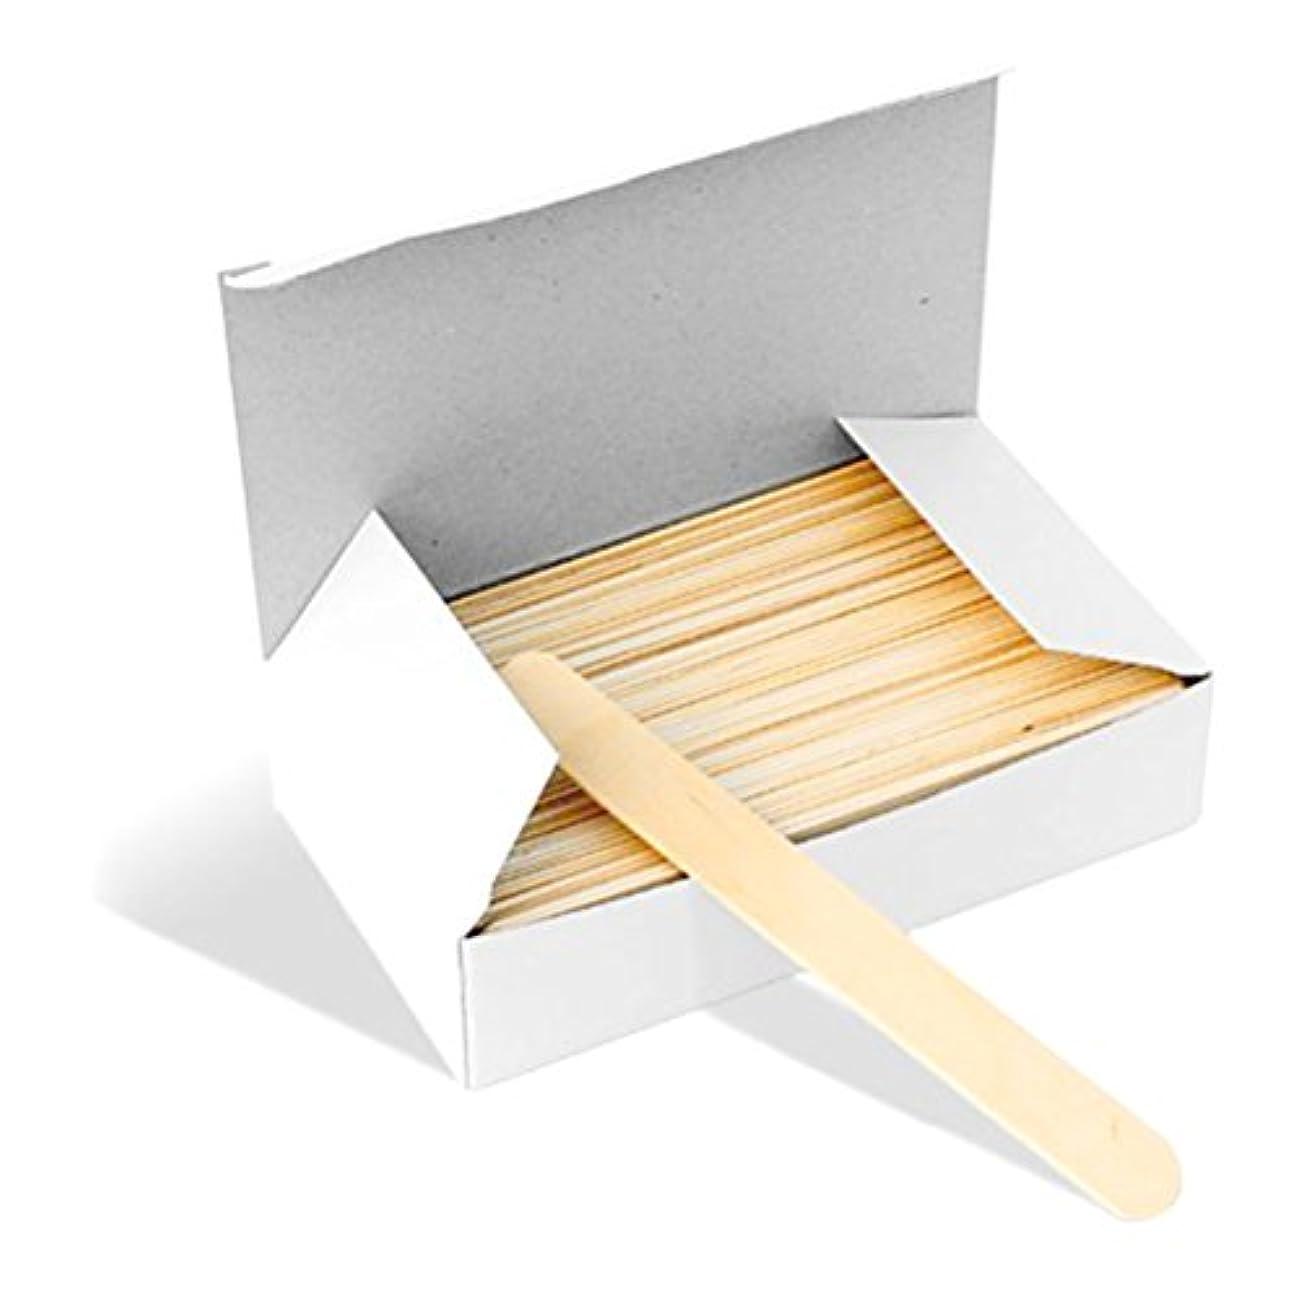 論理的に接地順番ROSENICE 舌圧子 使い捨て 舌圧迫器 ディスポーザブル 業務用木製 消毒済 100本入り